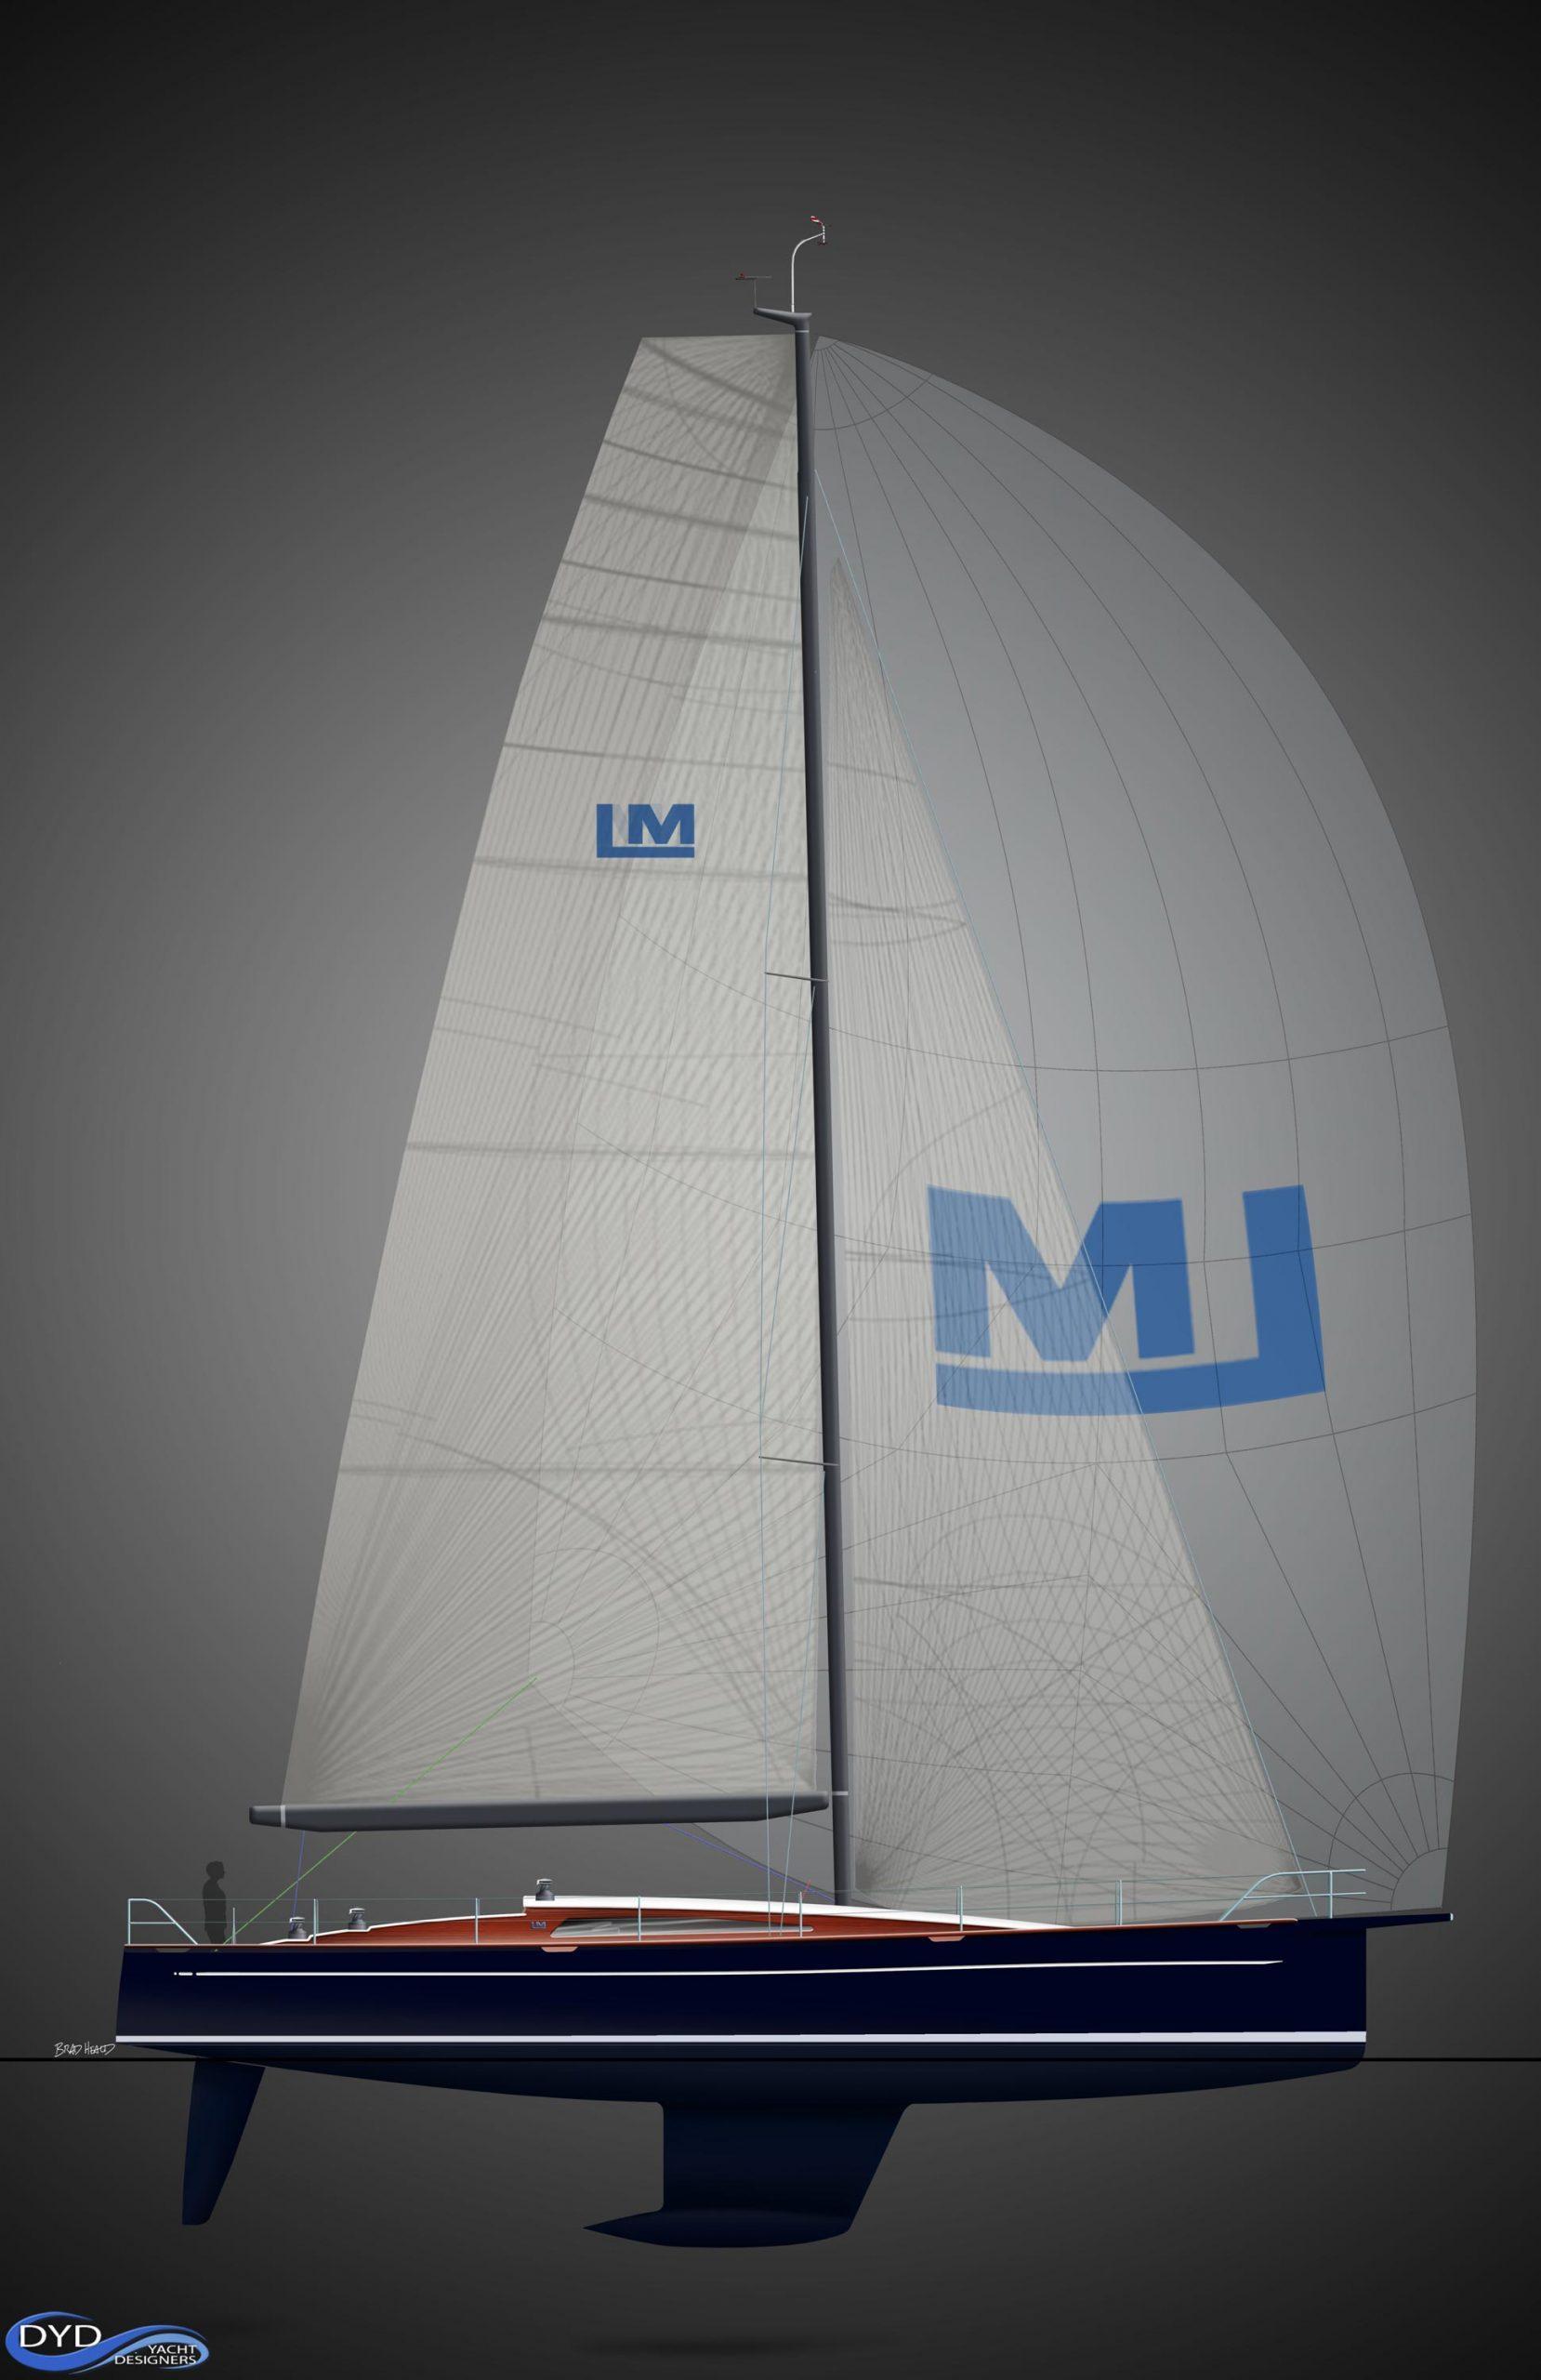 LM46 sail plan